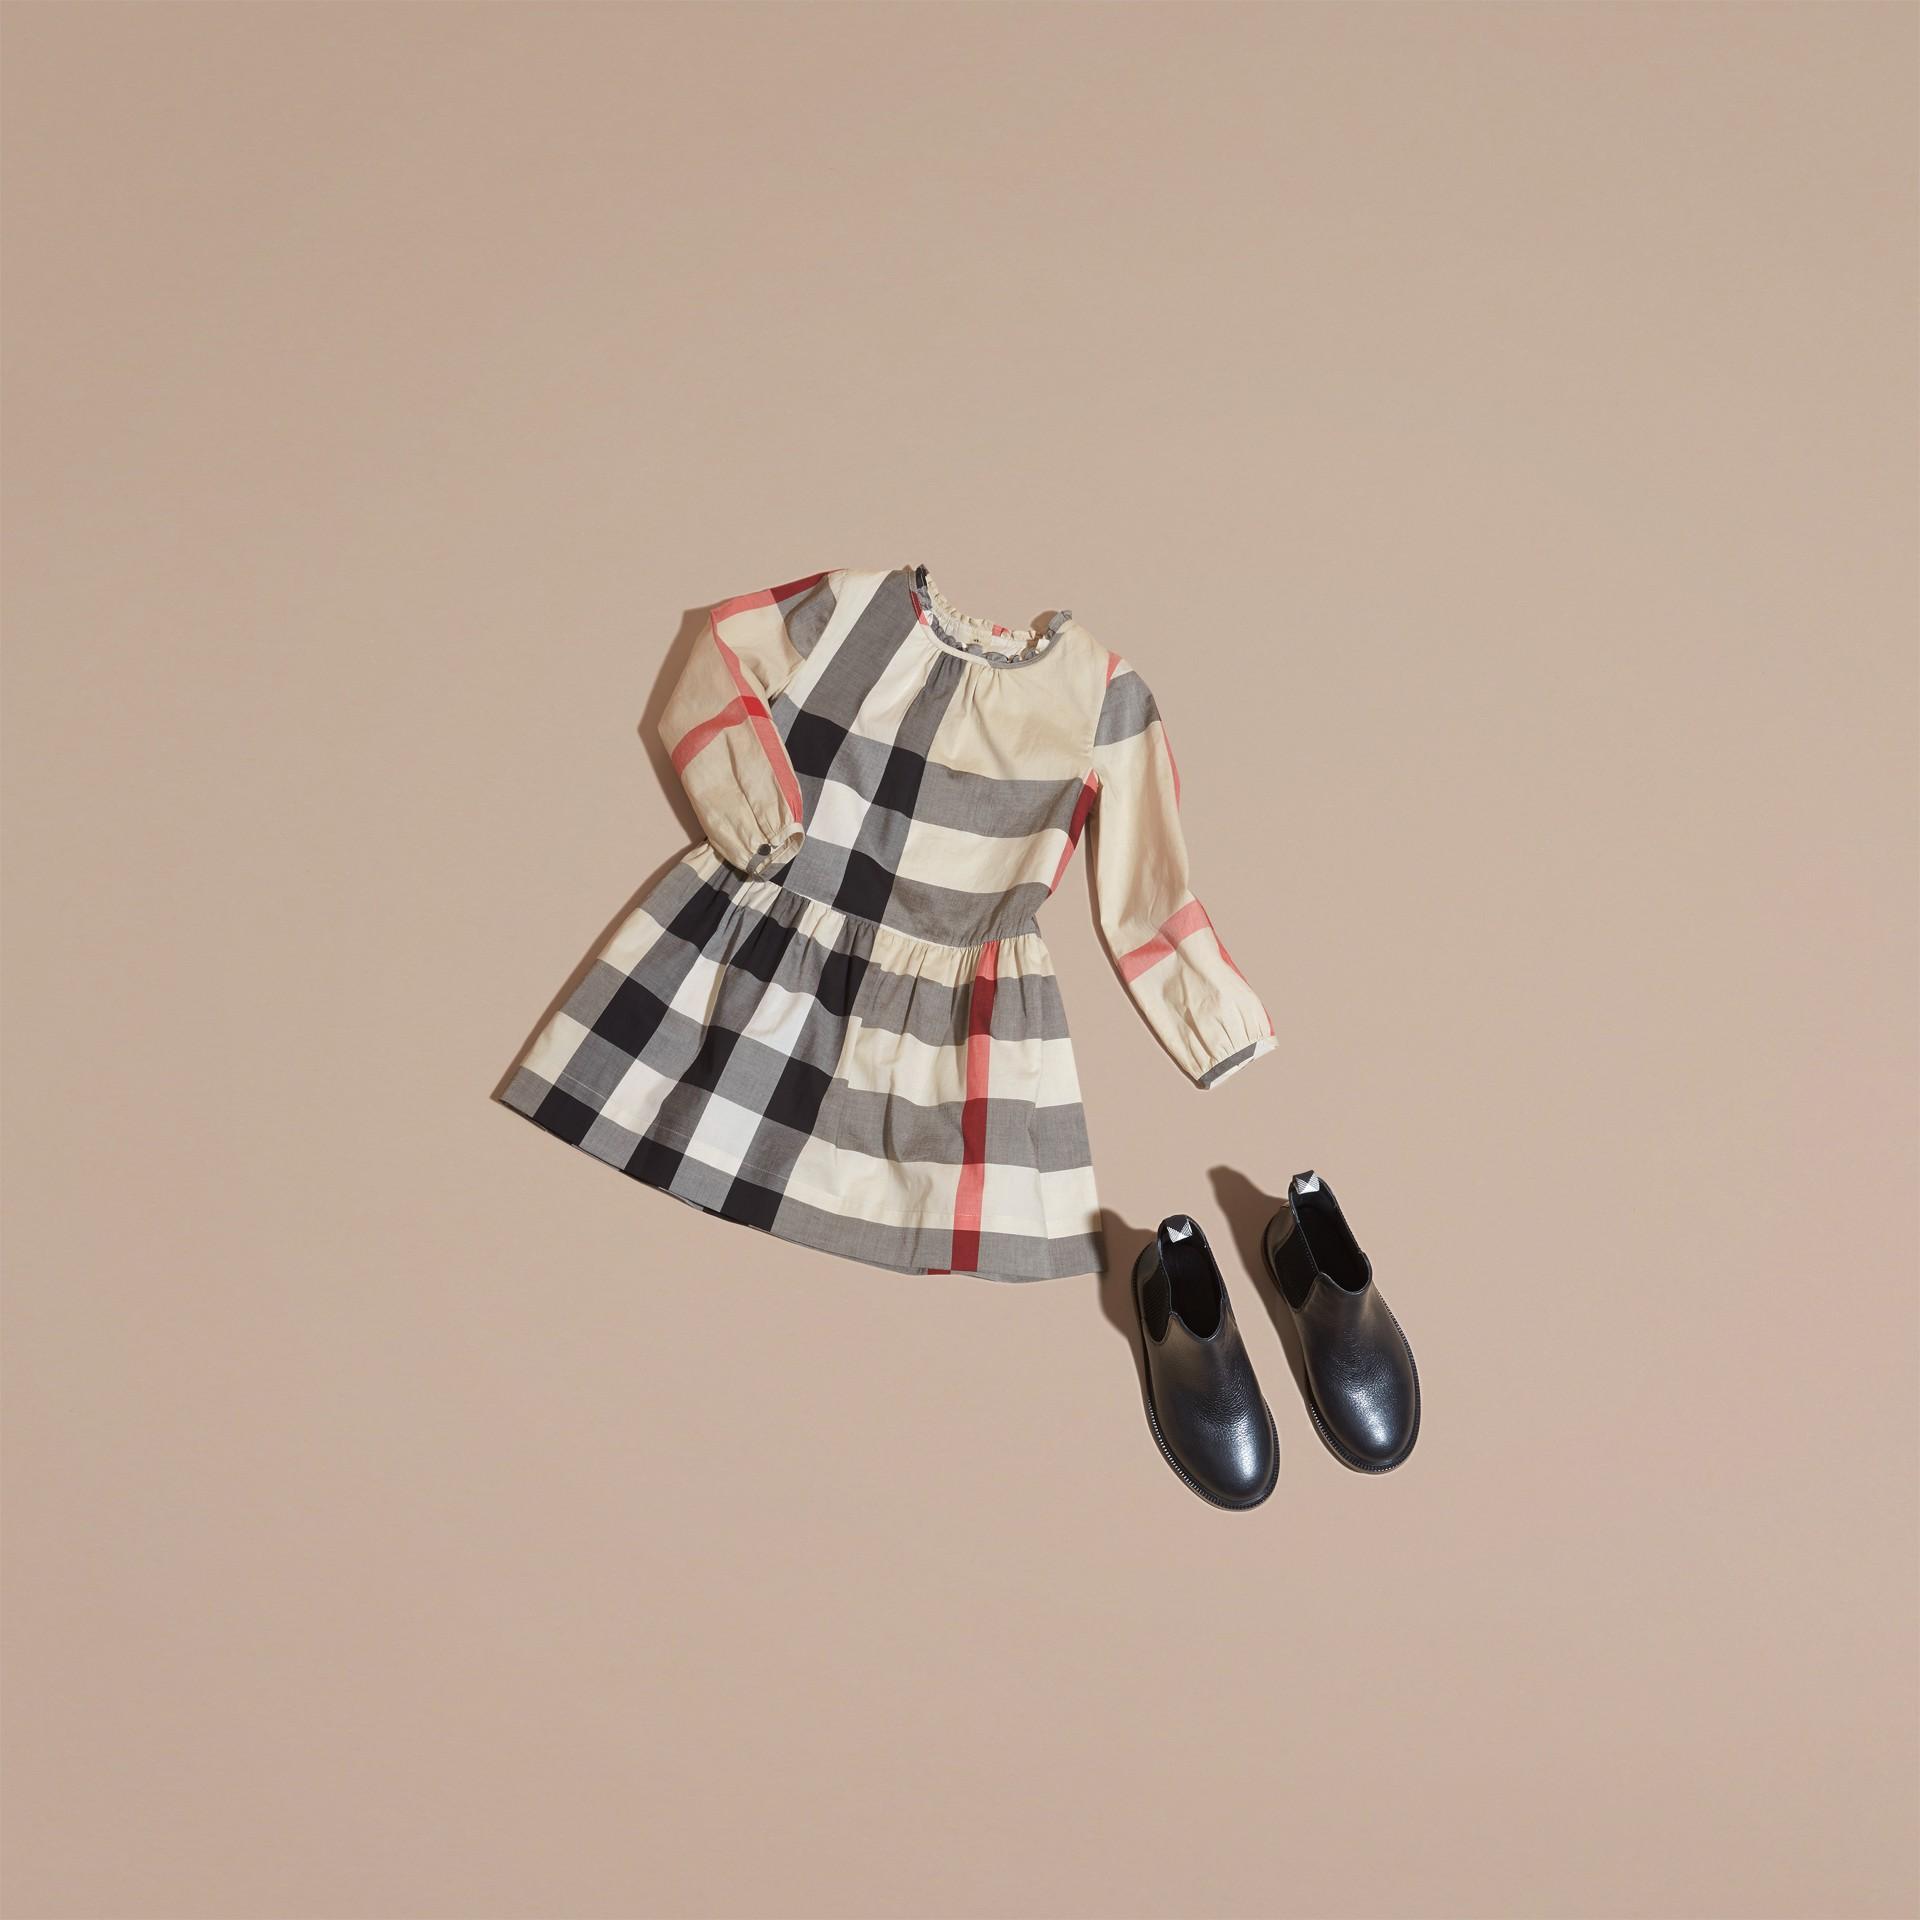 新經典格紋 褶飾細節格紋棉質洋裝 新經典格紋 - 圖庫照片 5